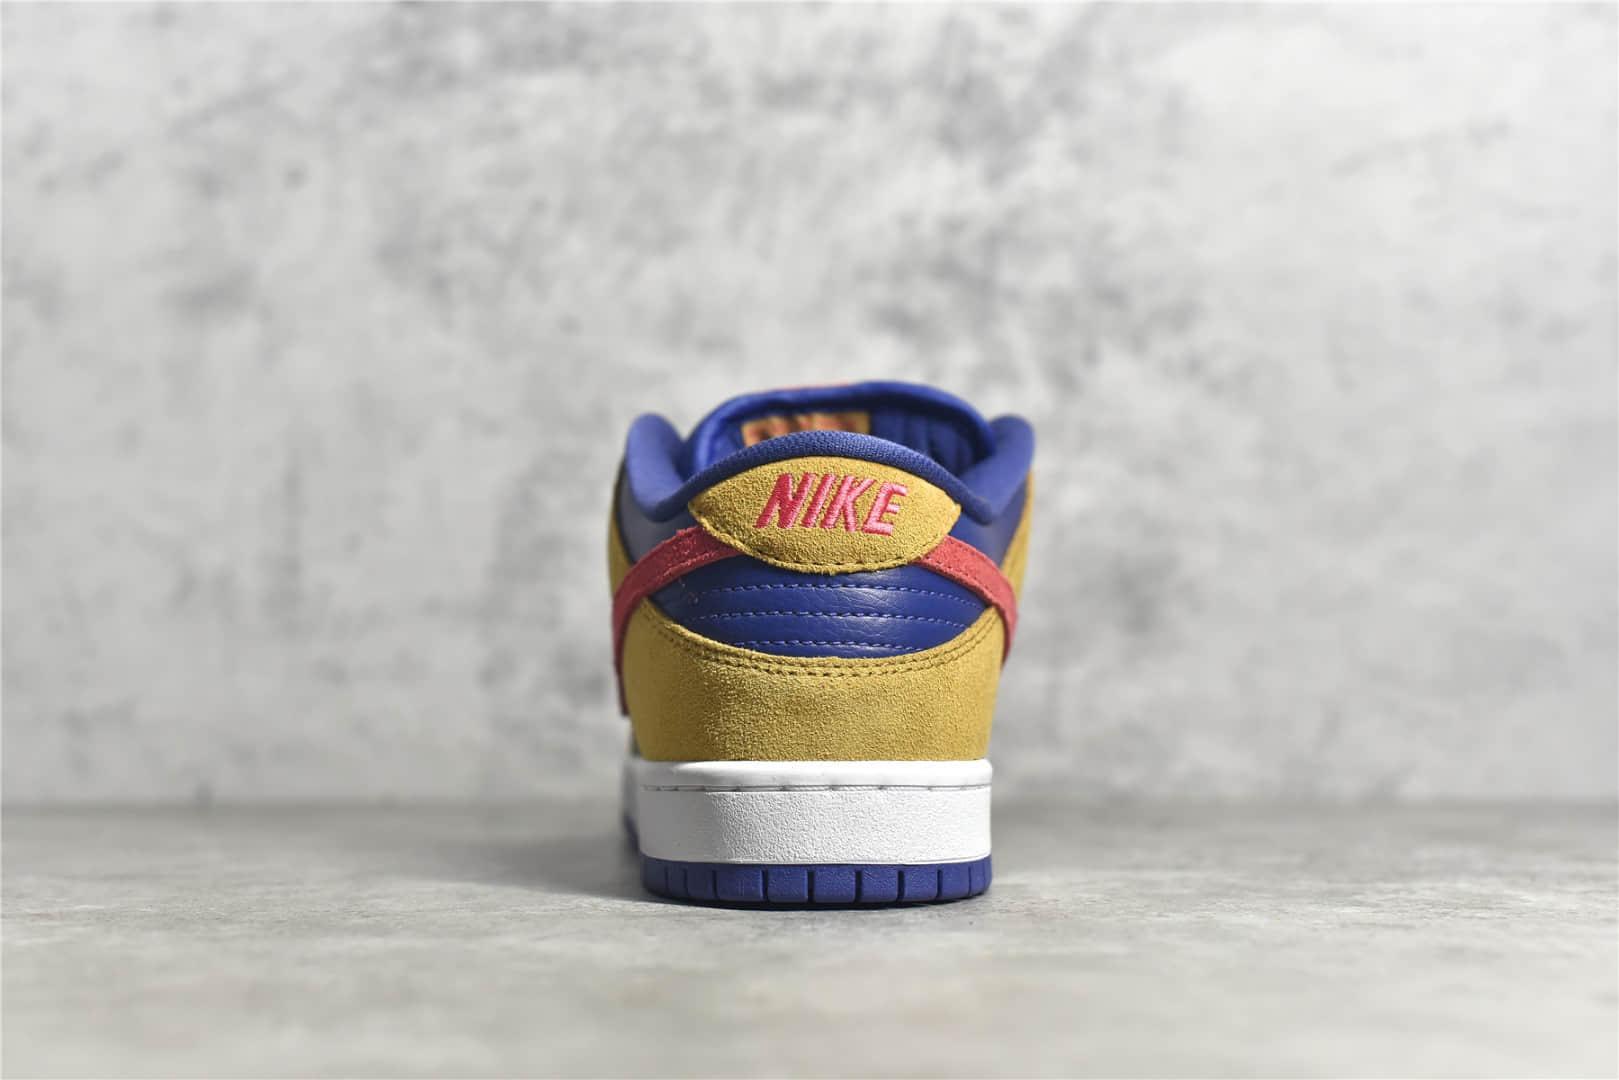 """耐克Dunk SB麂皮黄蓝红彩色拼接Nike SB Dunk Low Pro """"Papa Bear"""" 耐克SB Dunk棕红蓝 小熊爸爸 货号:BQ6817-700-潮流者之家"""